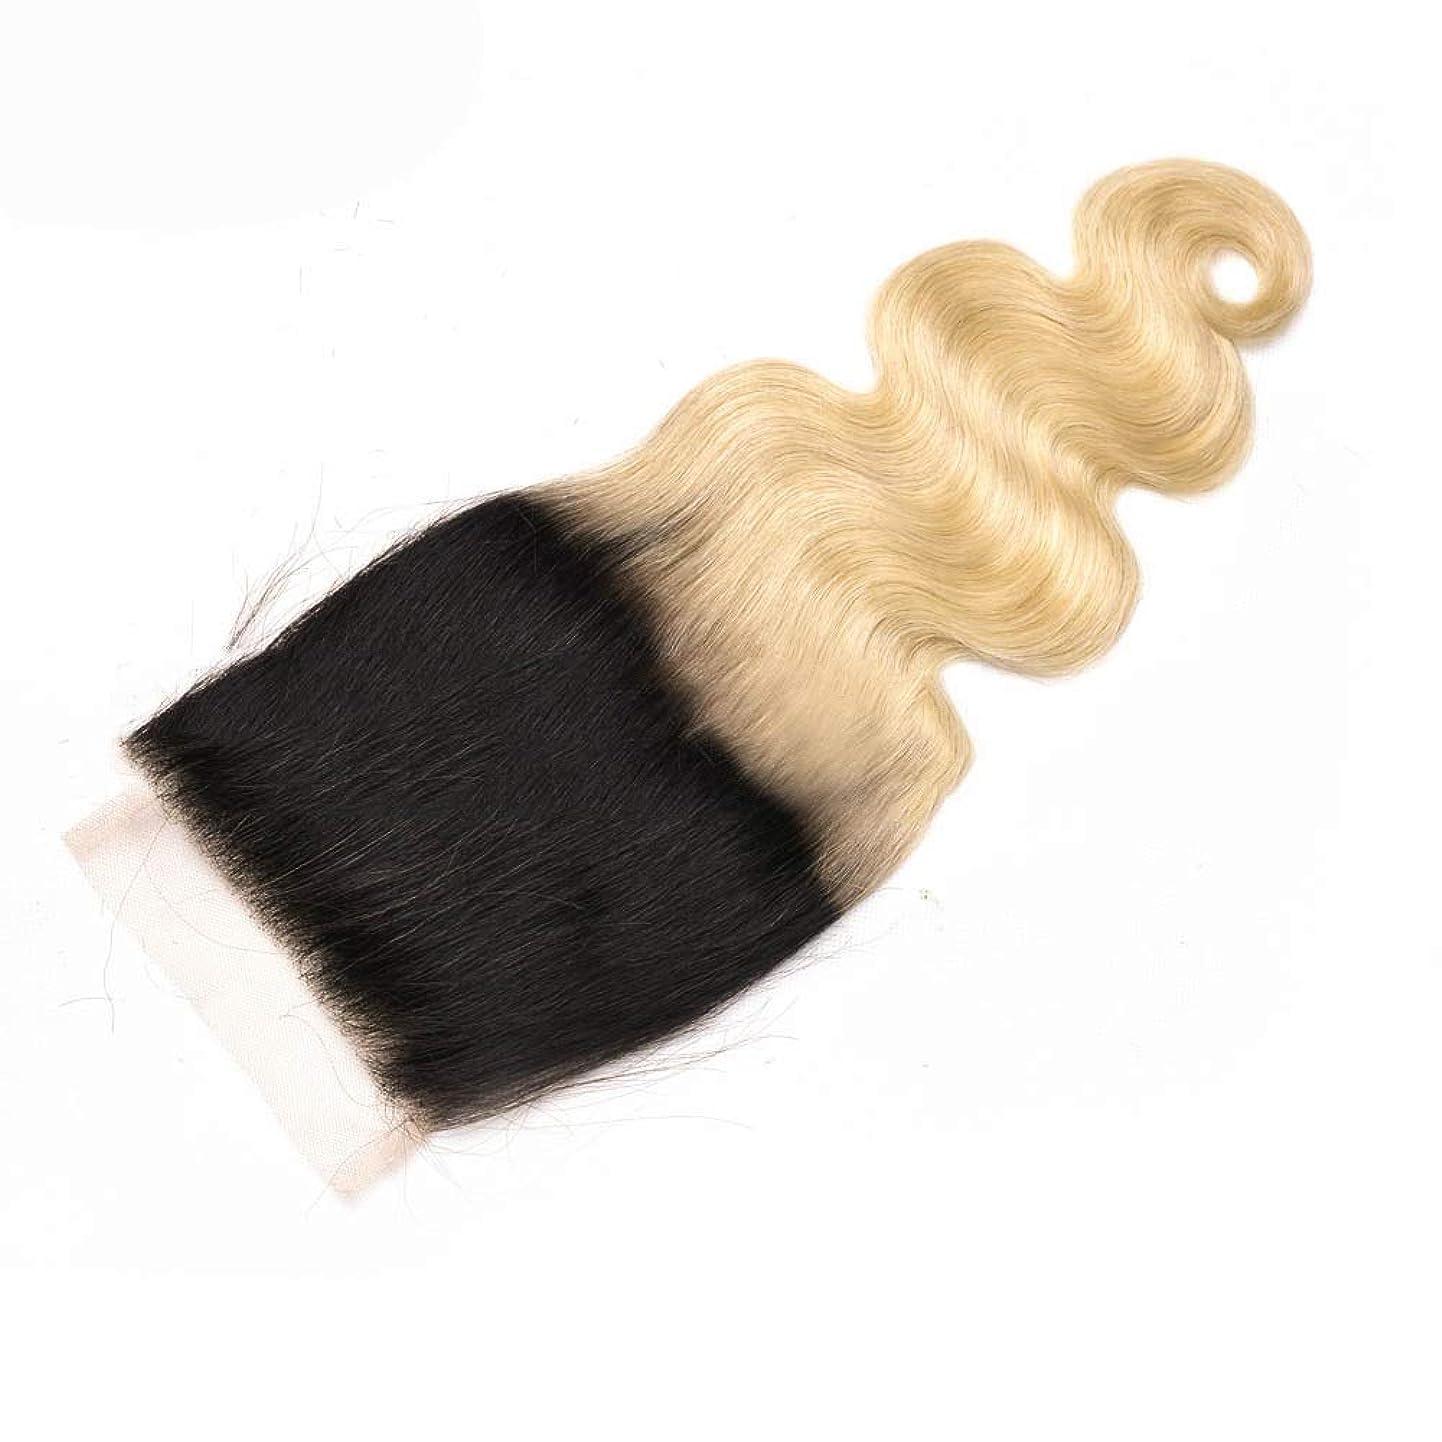 逃げるシャーロックホームズ意識BOBIDYEE ブラジルの本物の人間の髪の実体波レース前頭閉鎖 - ブロンド2トーンカラーロールプレイングかつら女性の自然なかつらにT1b / 613#黒 (色 : Blonde, サイズ : 12 inch)